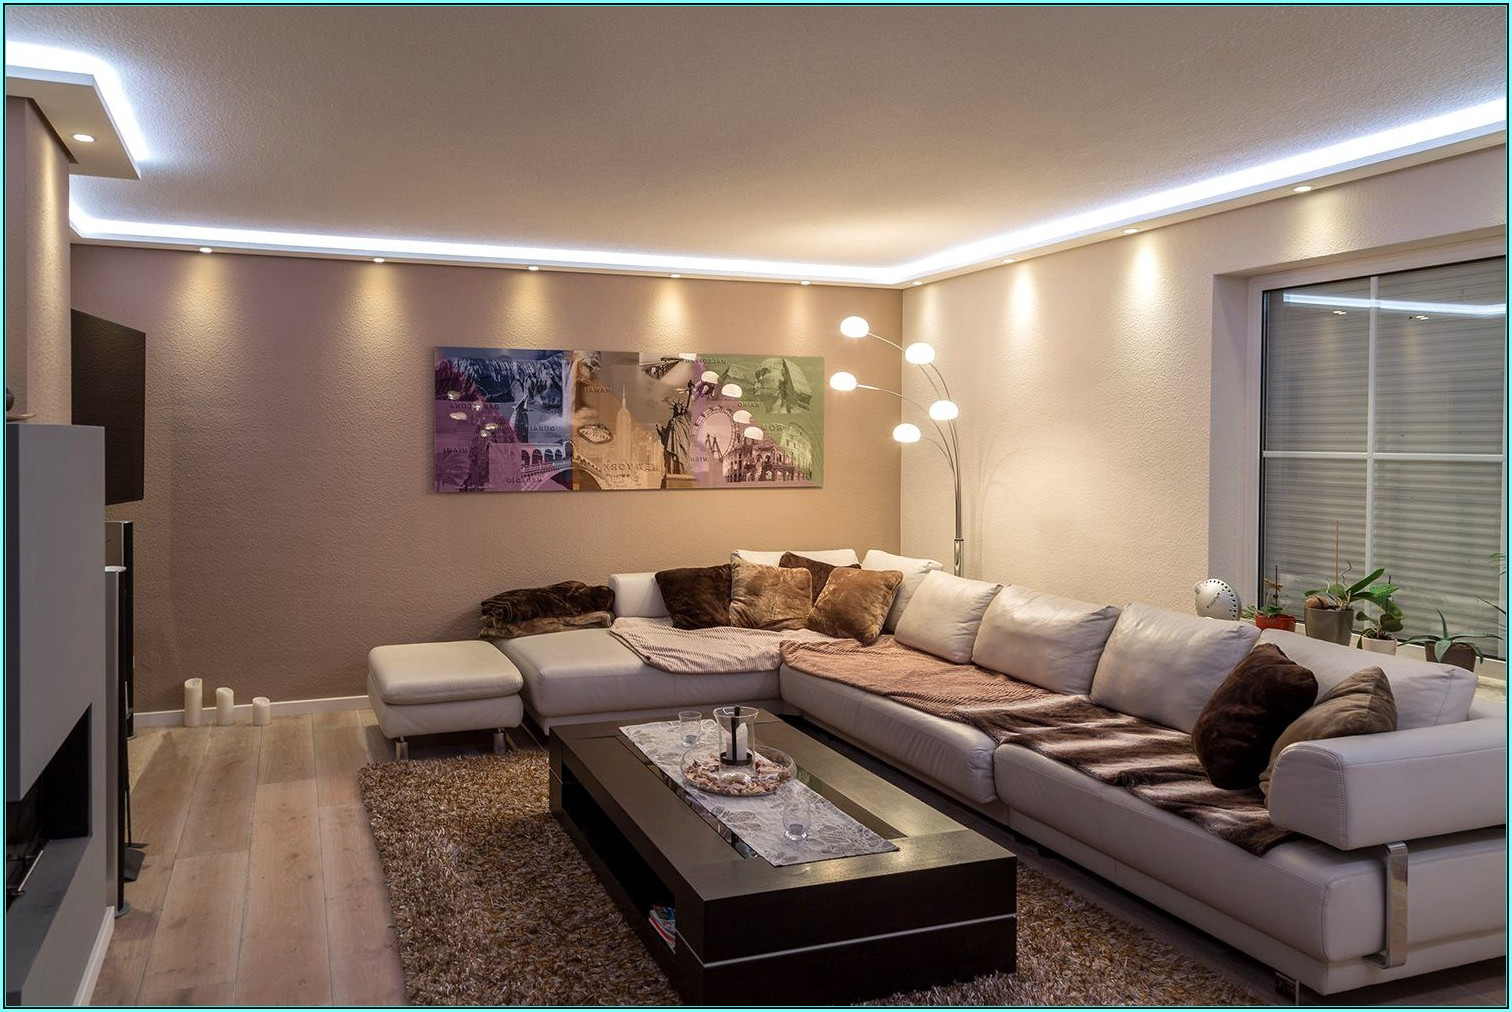 Wohnzimmer Led Ideen